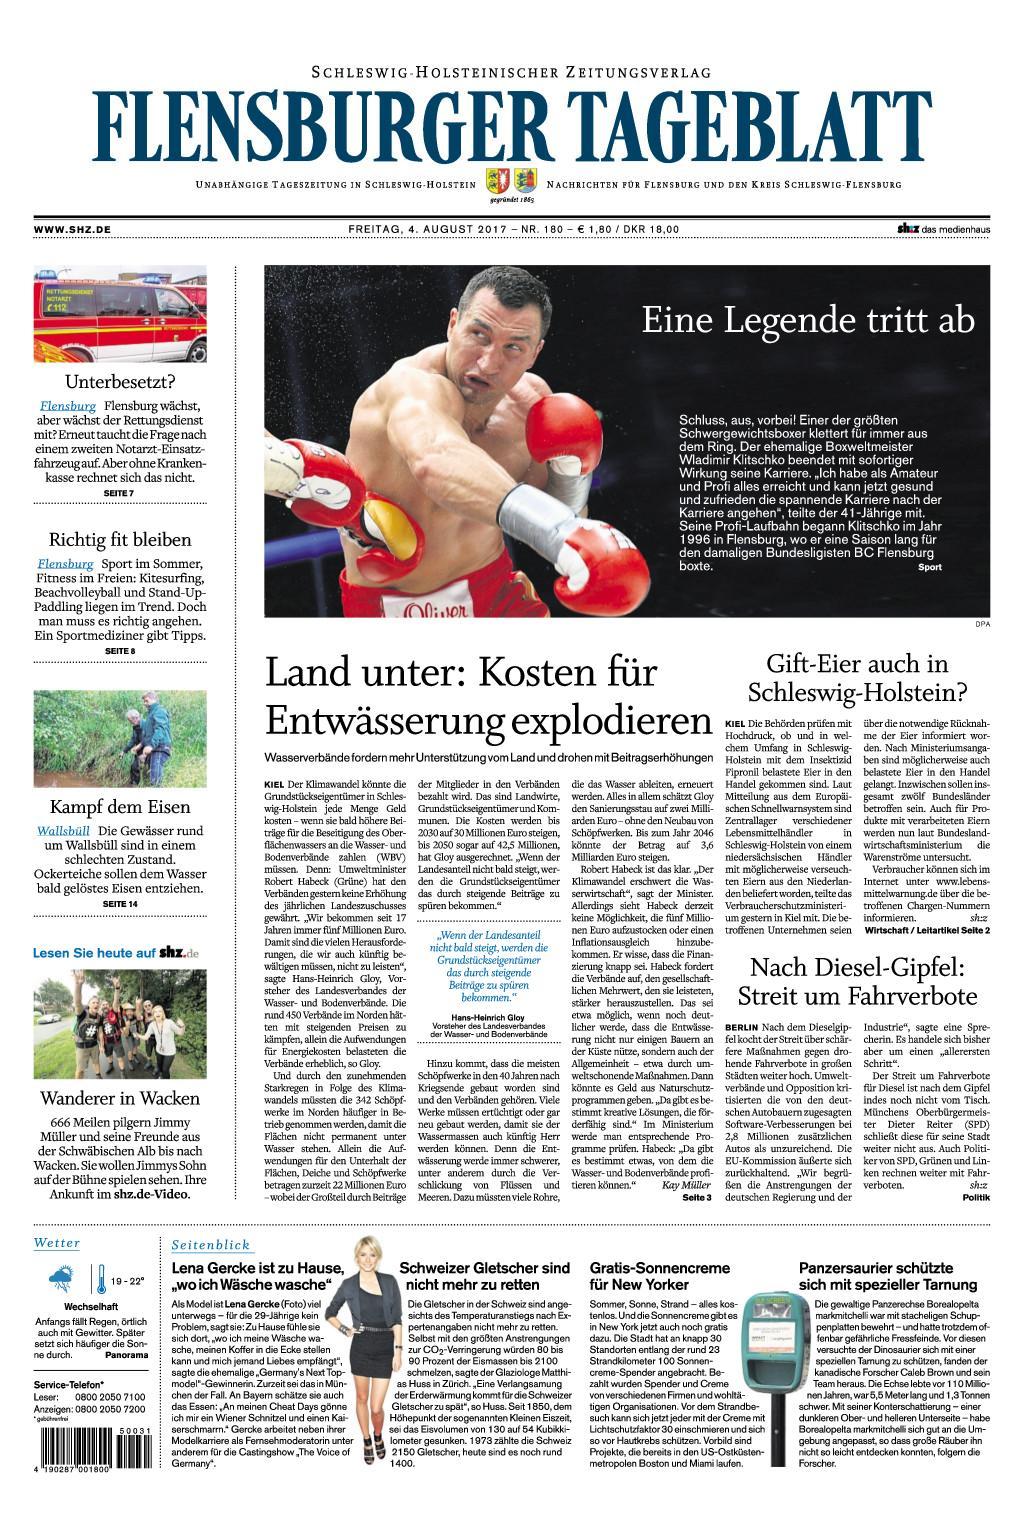 Flensburger Tageblatt 04 August 2017